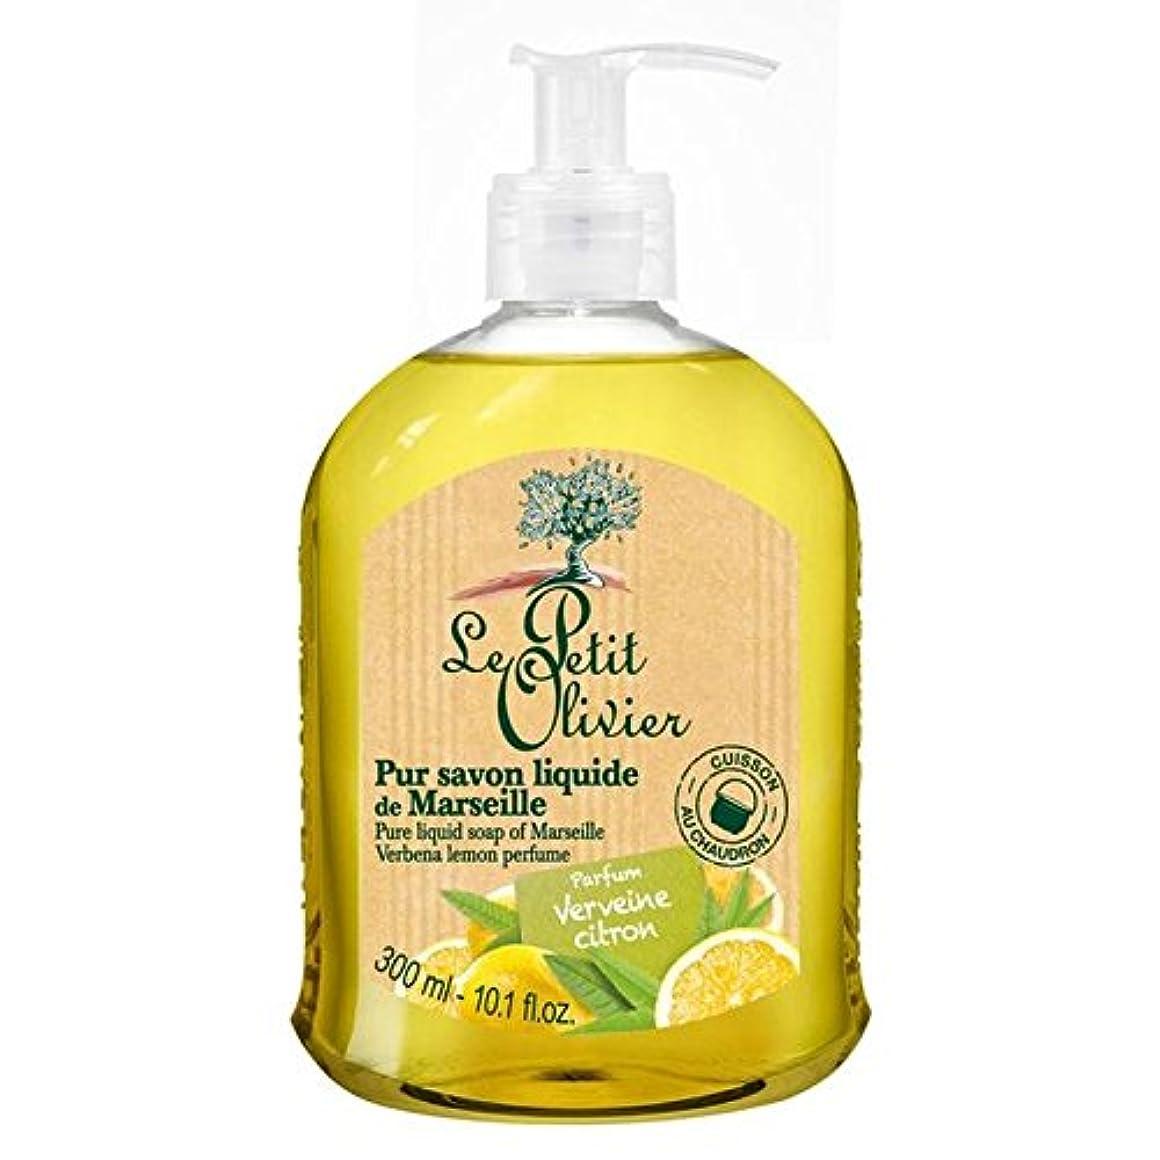 スピン抵抗おLe Petit Olivier Pure Liquid Soap of Marseille, Verbena Lemon 300ml - マルセイユのル?プティ?オリヴィエ純粋な液体石鹸、バーベナレモン300ミリリットル...